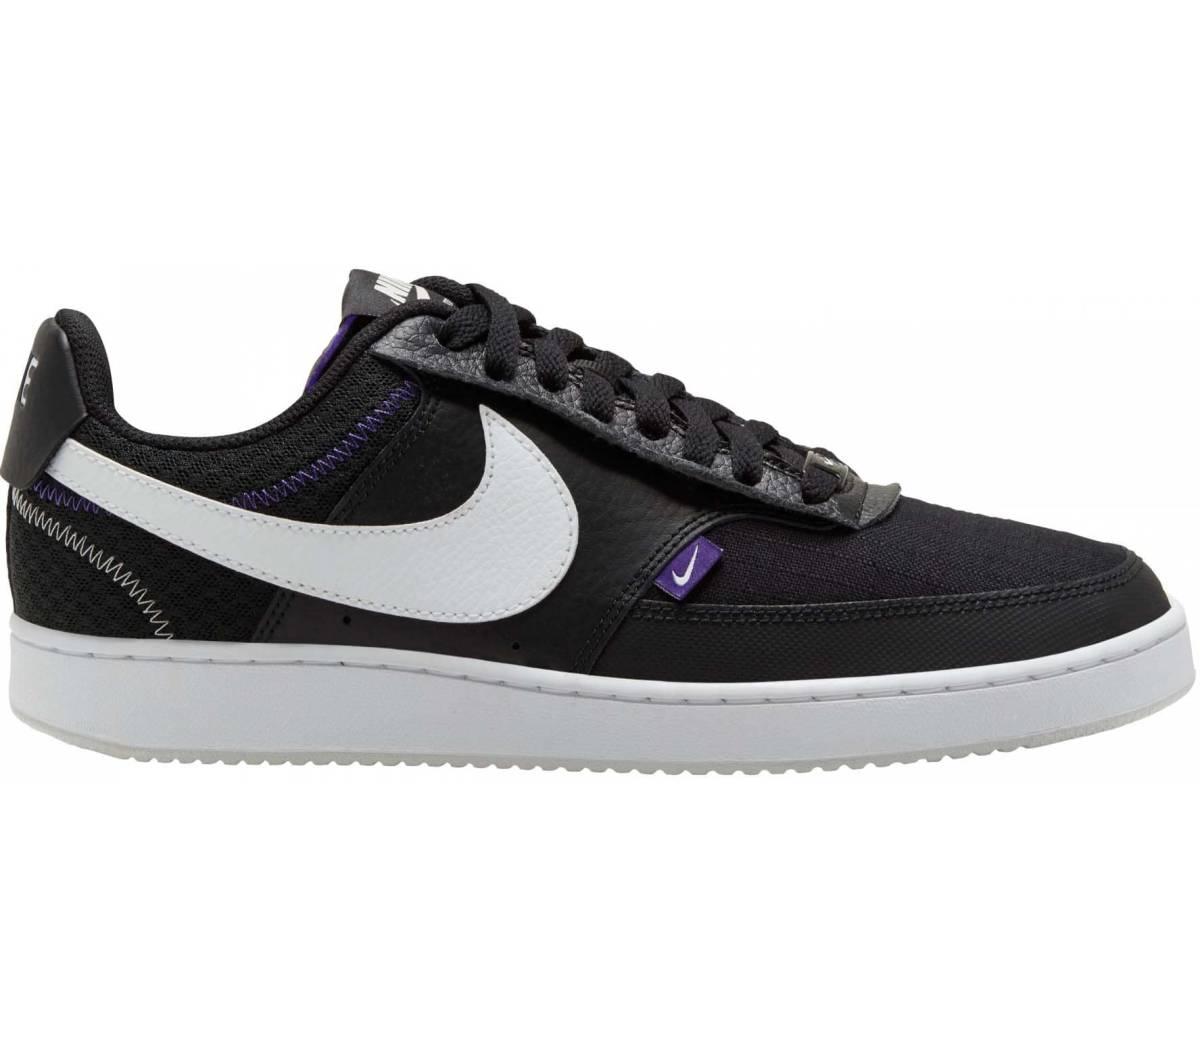 Nike Court Vision Lo Prem schwarz weiß